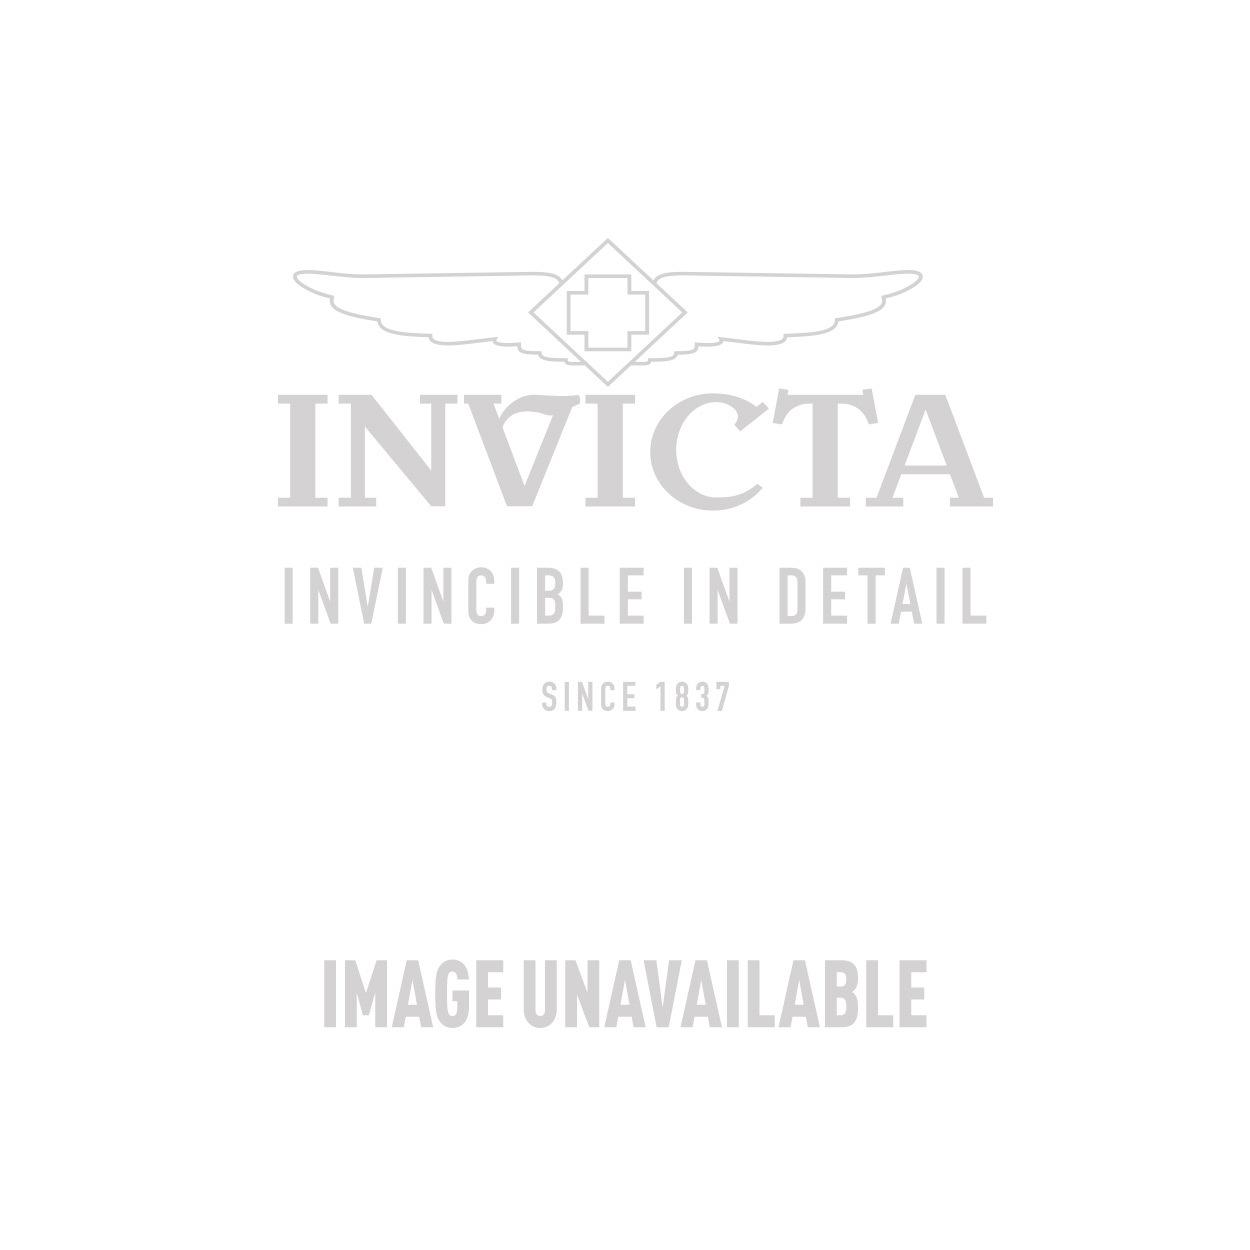 Invicta Model 27706